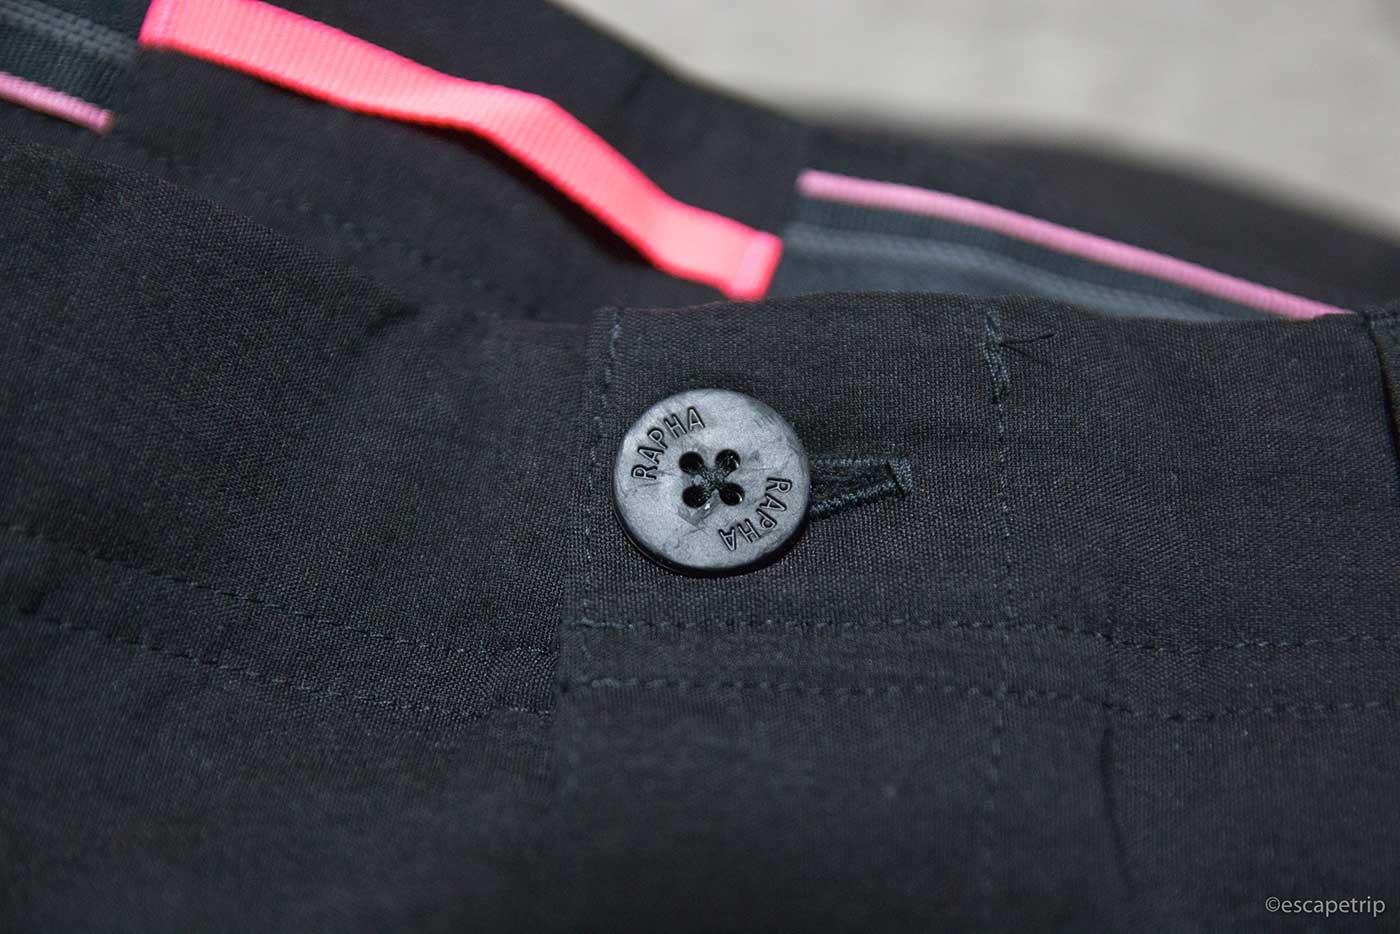 ラファの短パン「Randonnee Shorts」のボタン